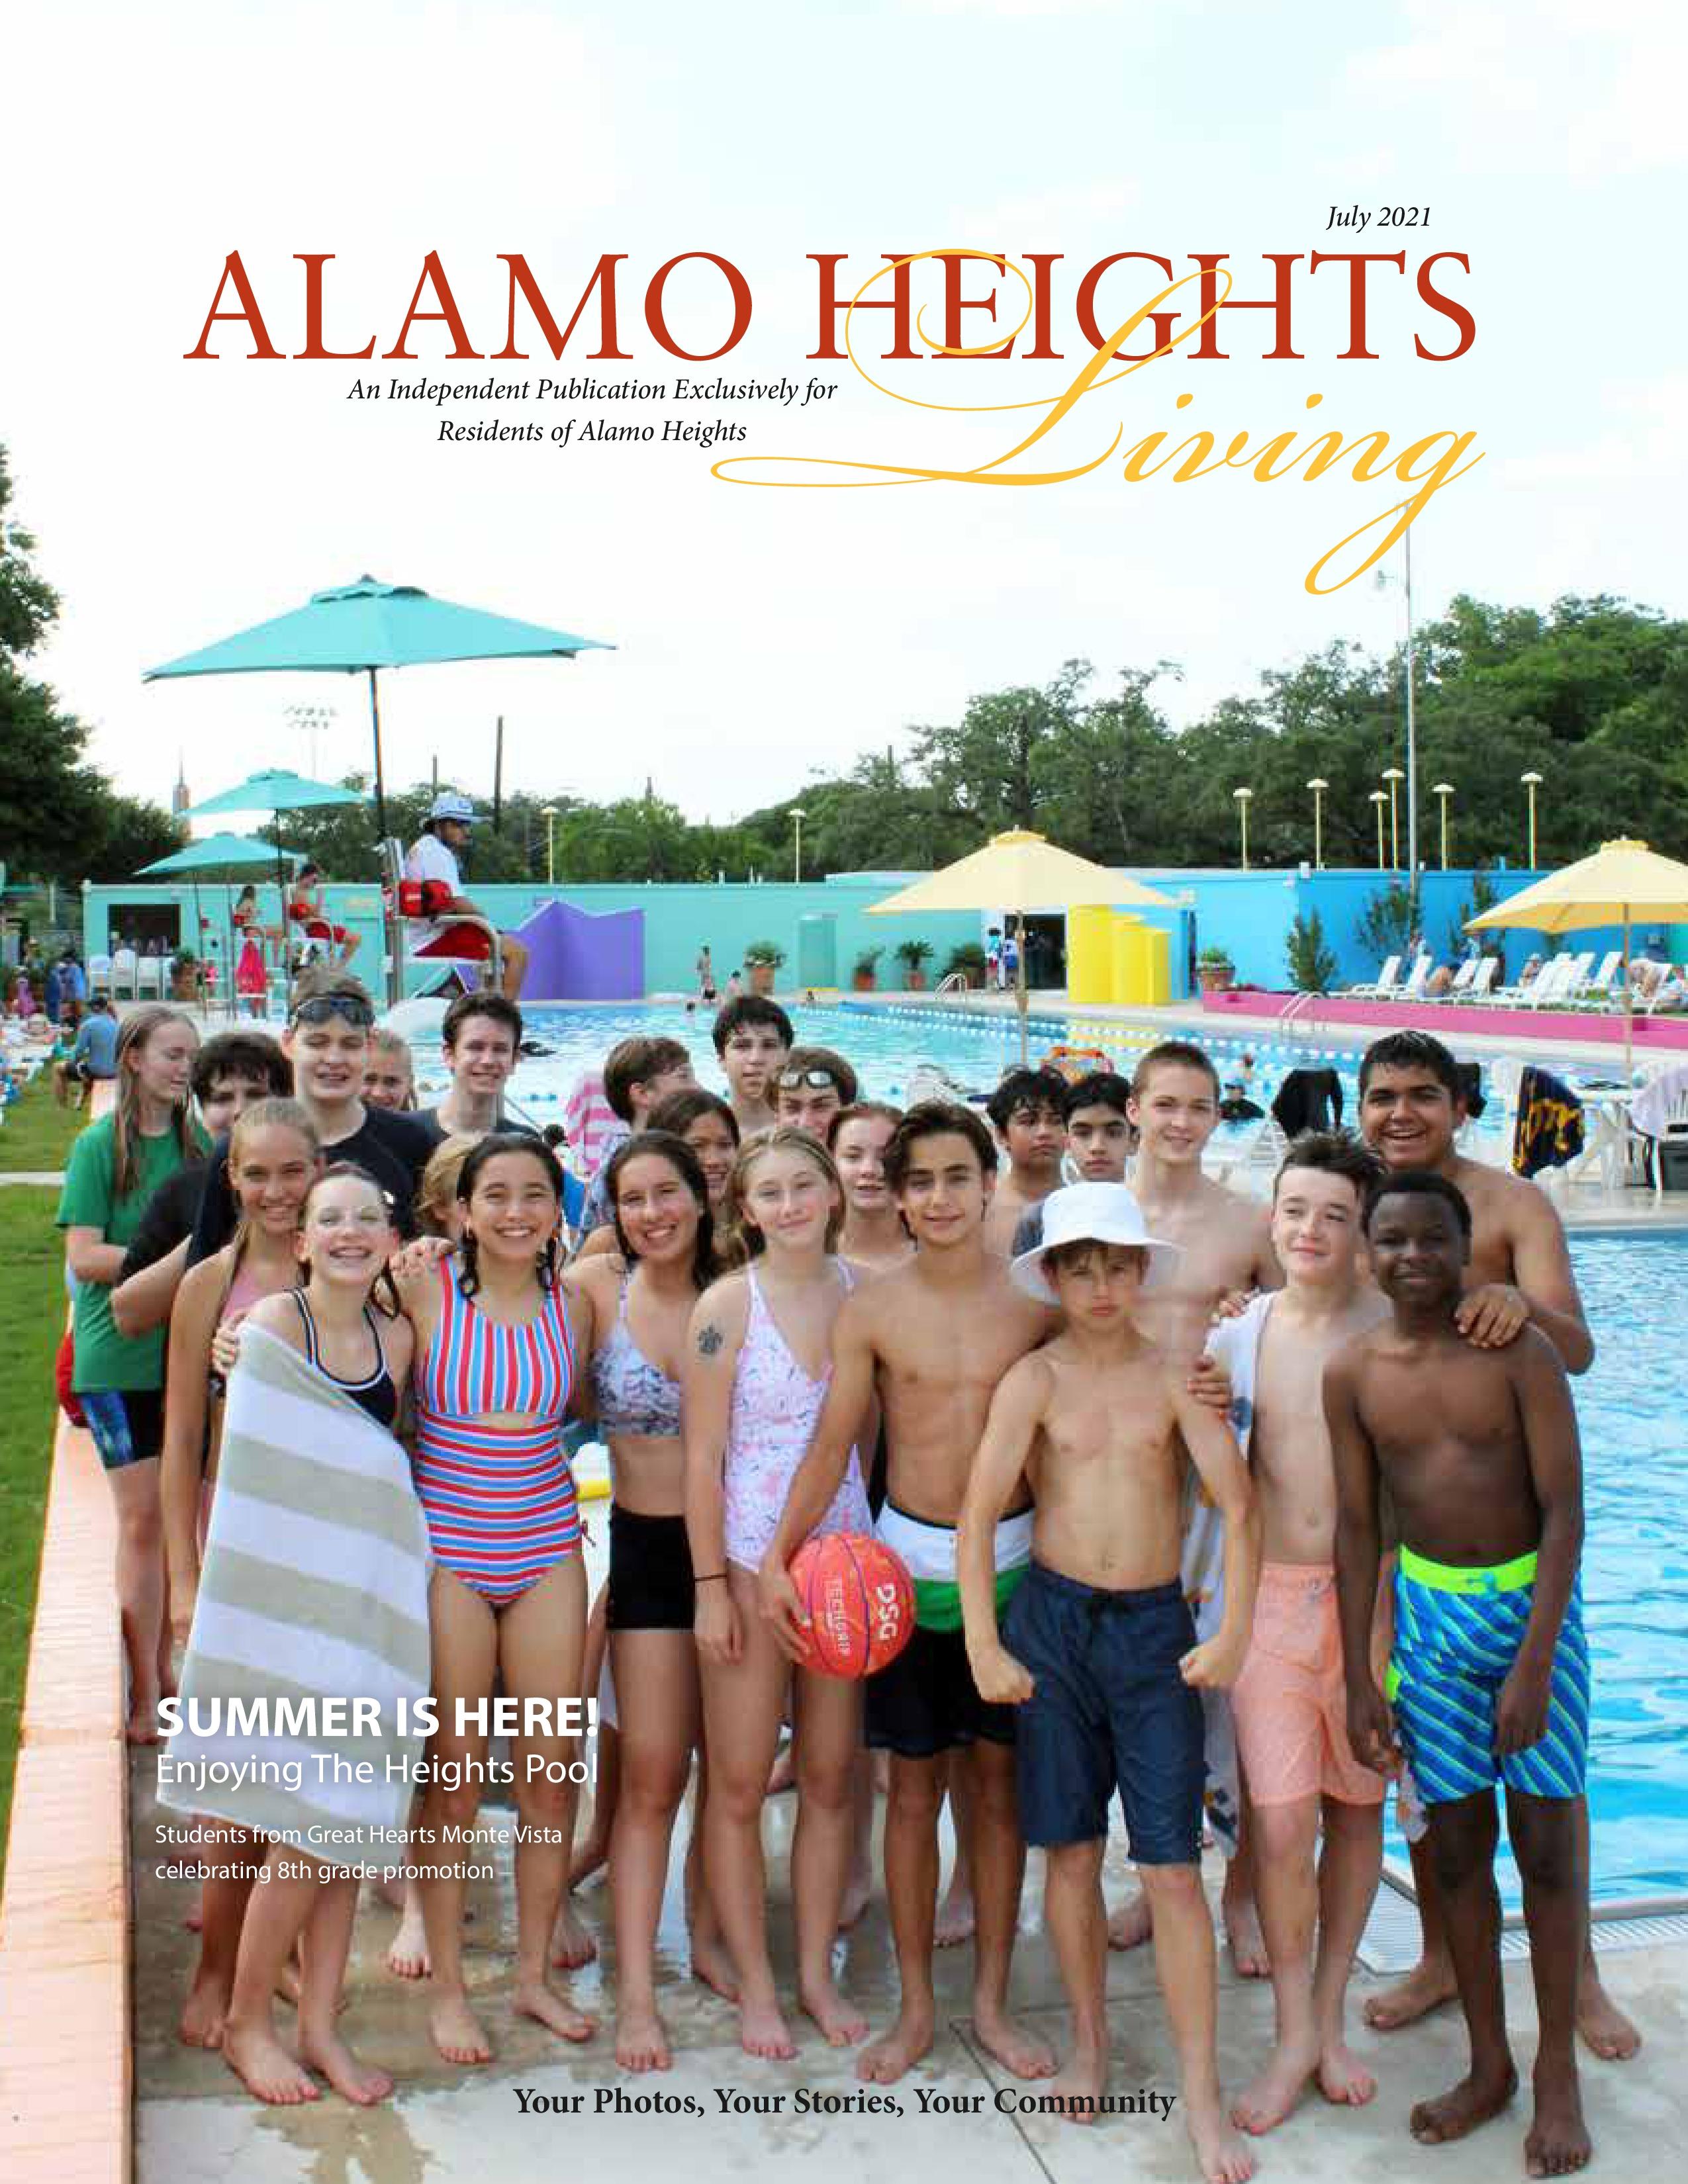 Alamo Heights Living 2021-07-01